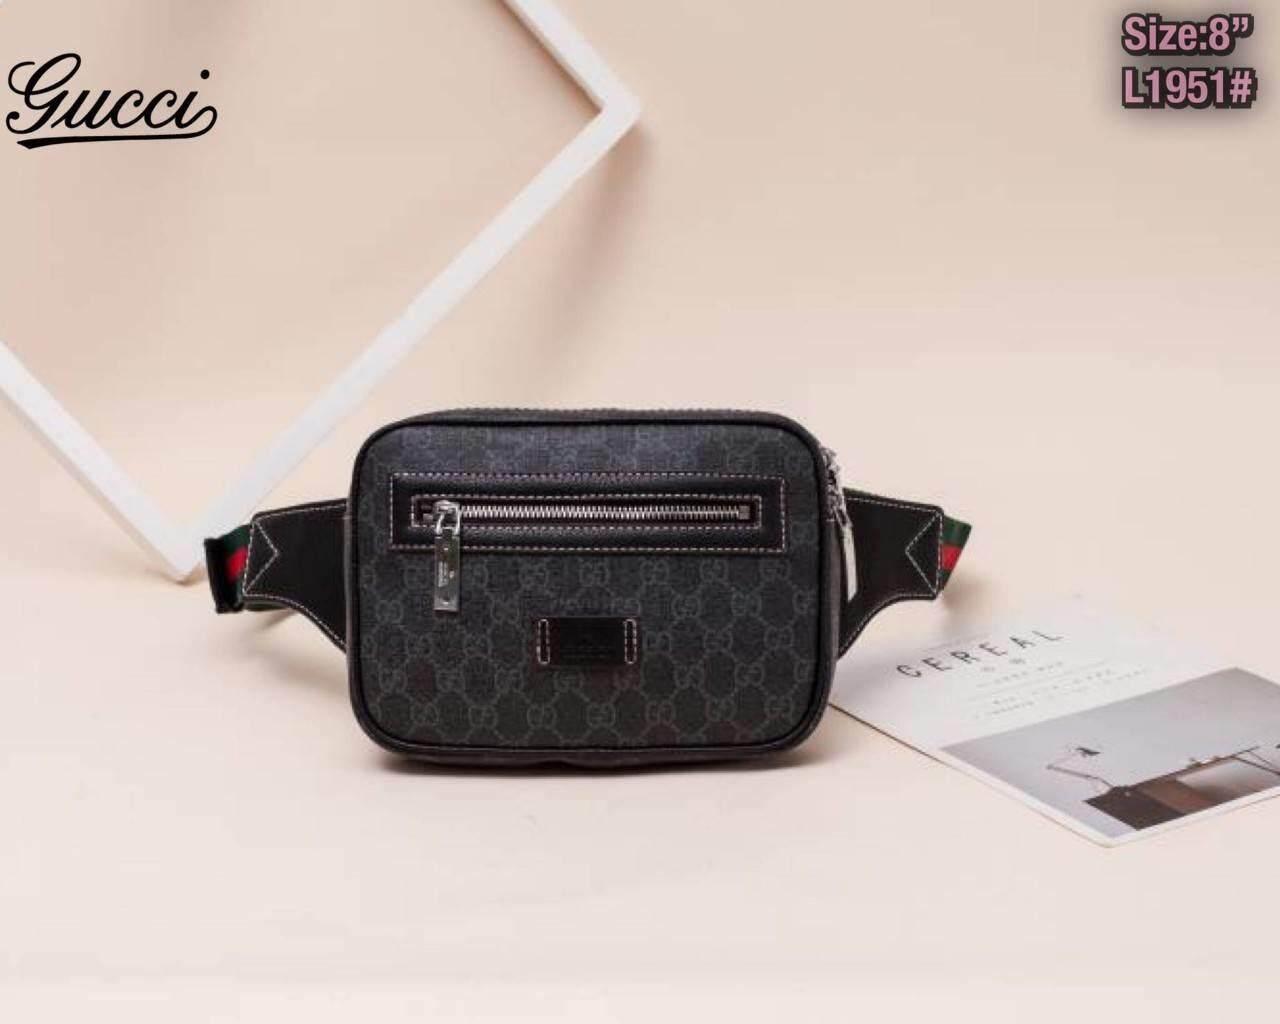 กระเป๋า Lv กับ Gucci  8นิ้วโดยประมาณ อุปกรณ์ที่ได้ ถุงผ้า การ์ด.